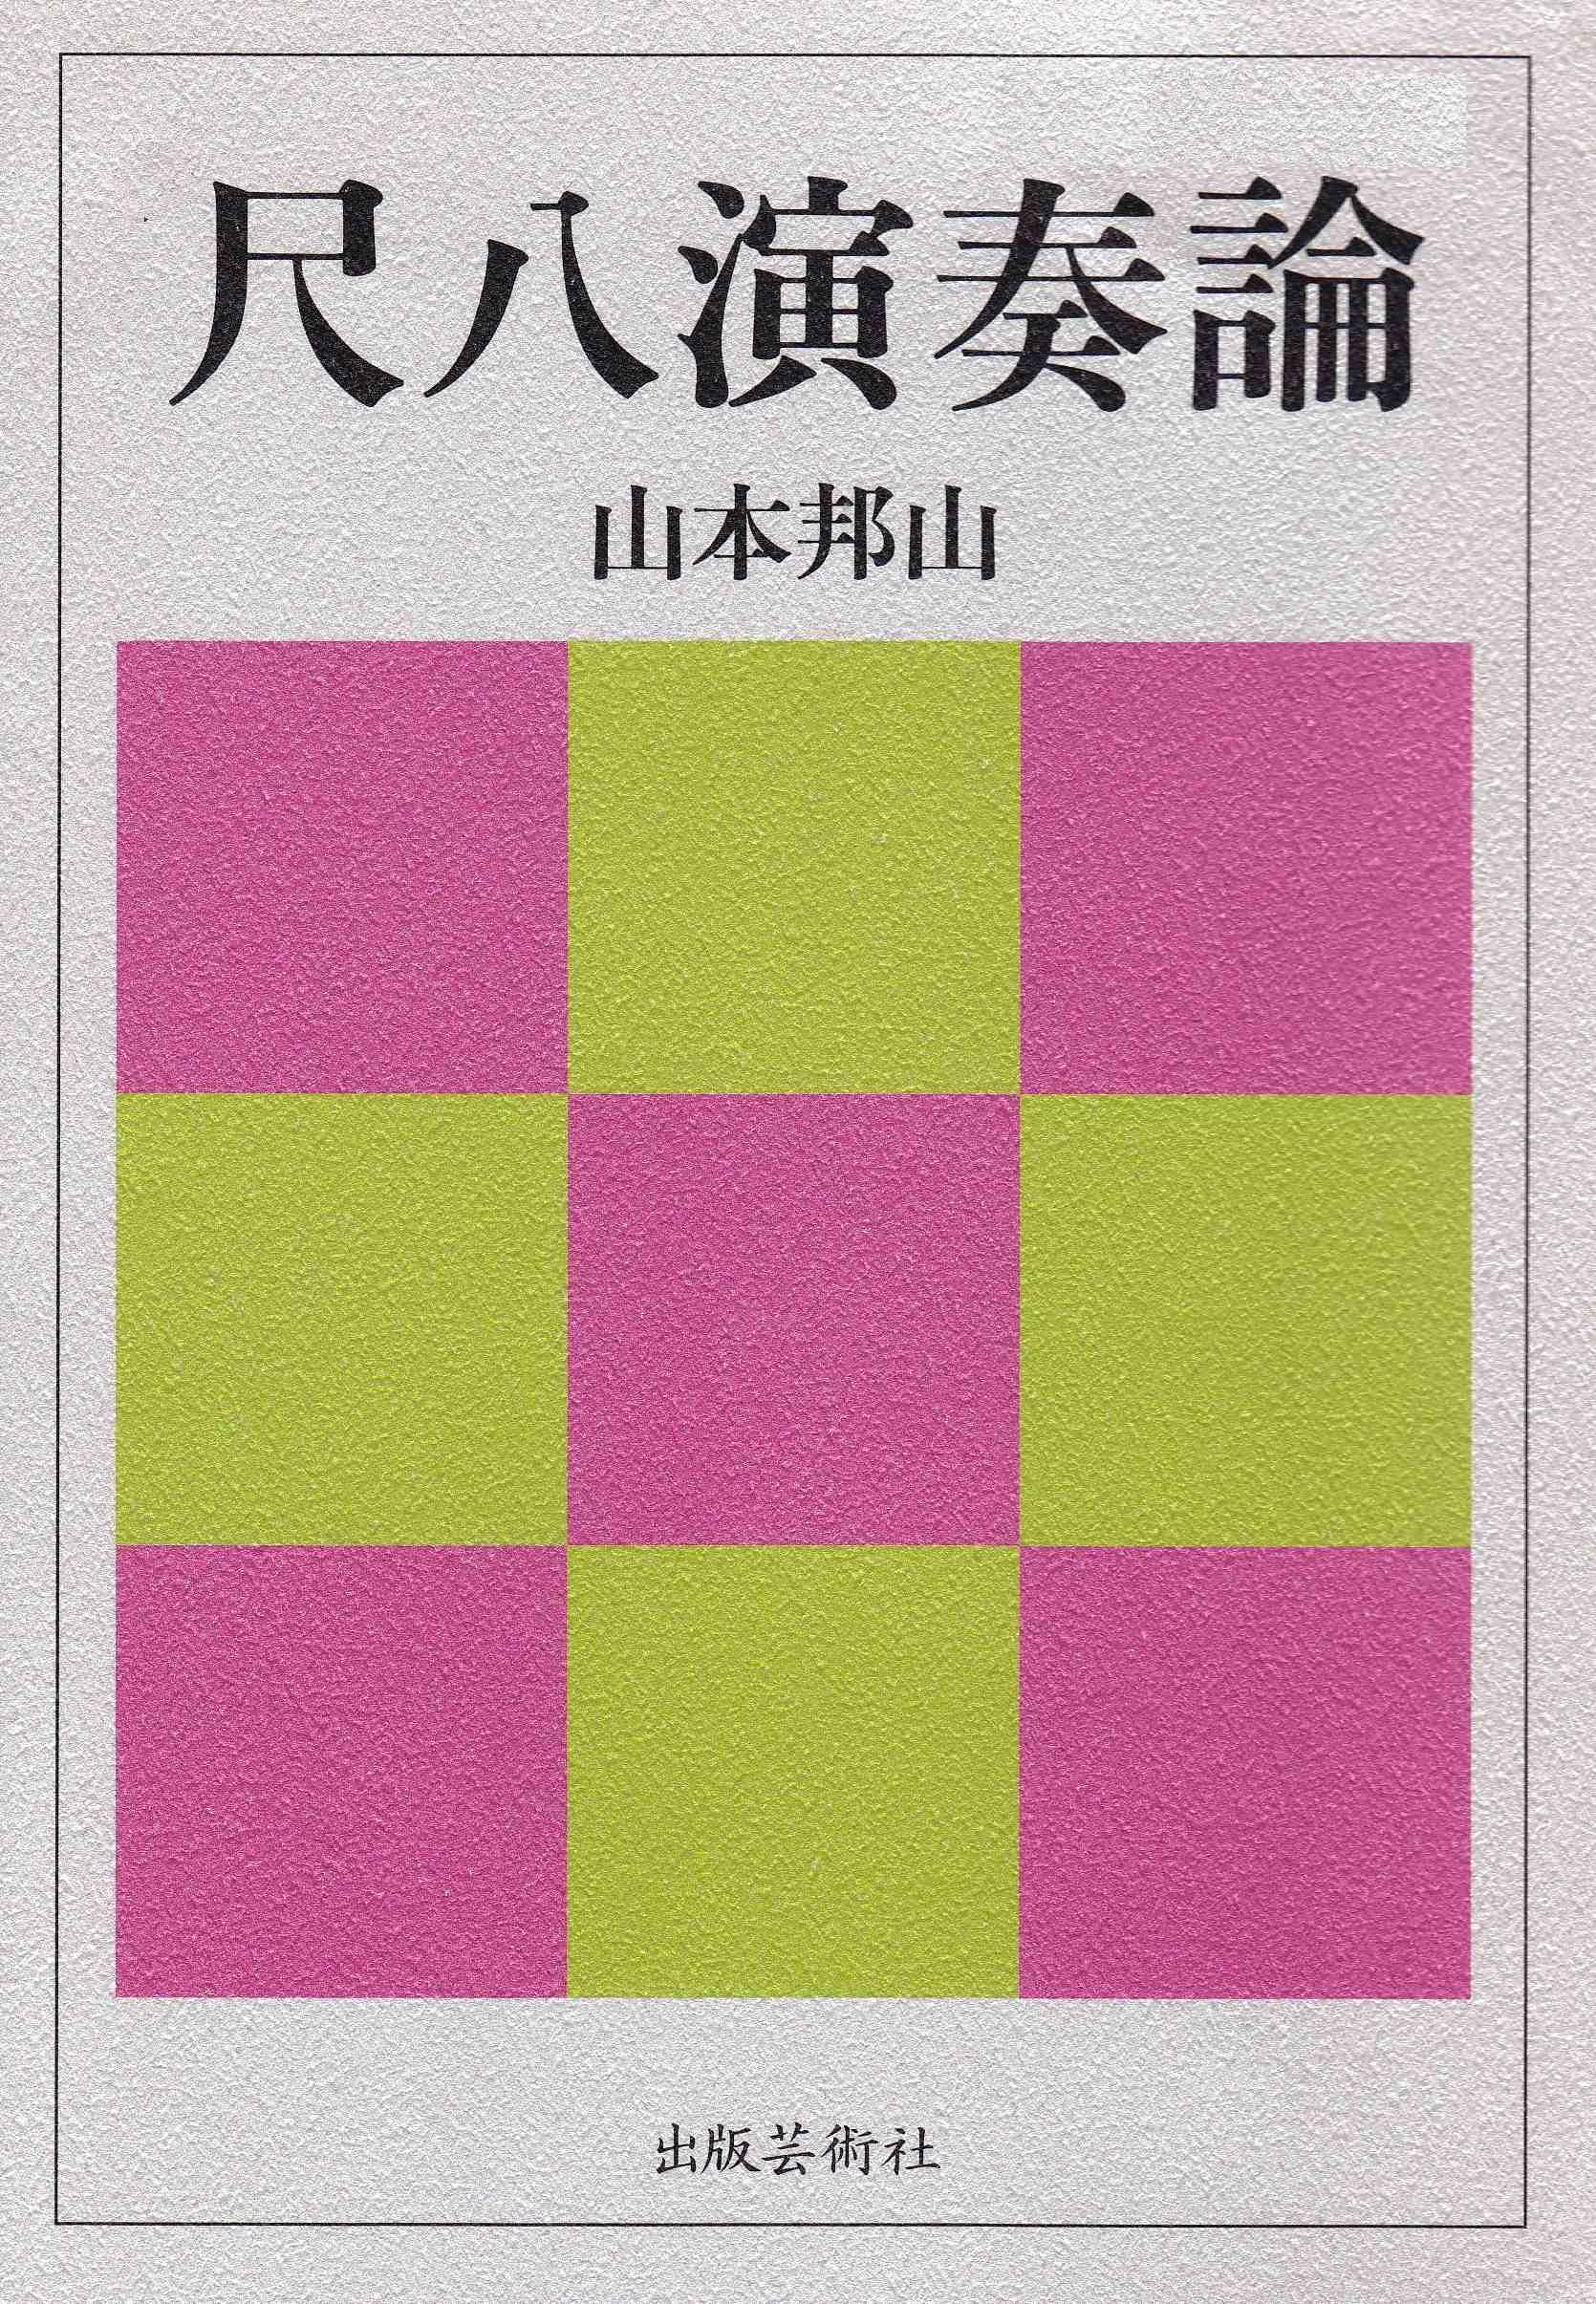 尺八演奏論/山本邦山[5075]